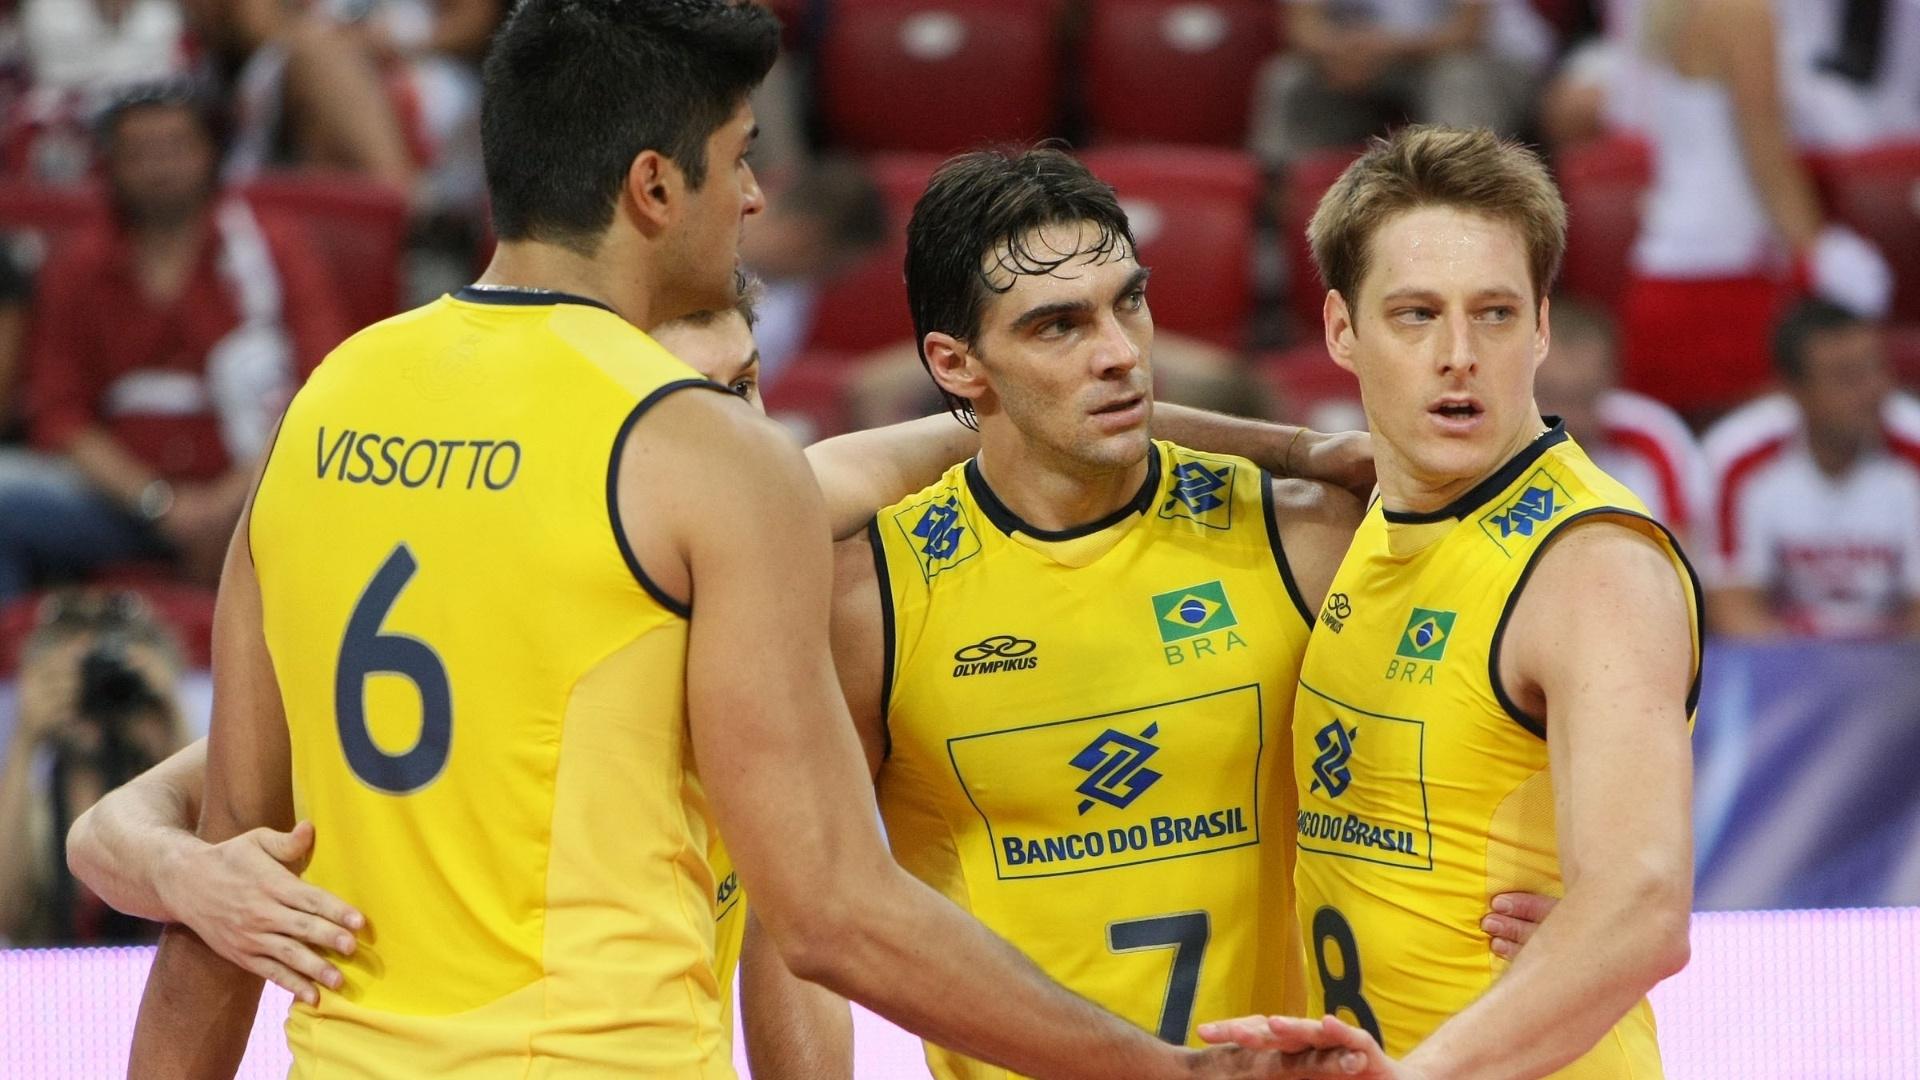 Leandro Vissotto, Bruninho, Giba e Murilo comemoram um ponto na derrota para a Polônia (05/07/2012)